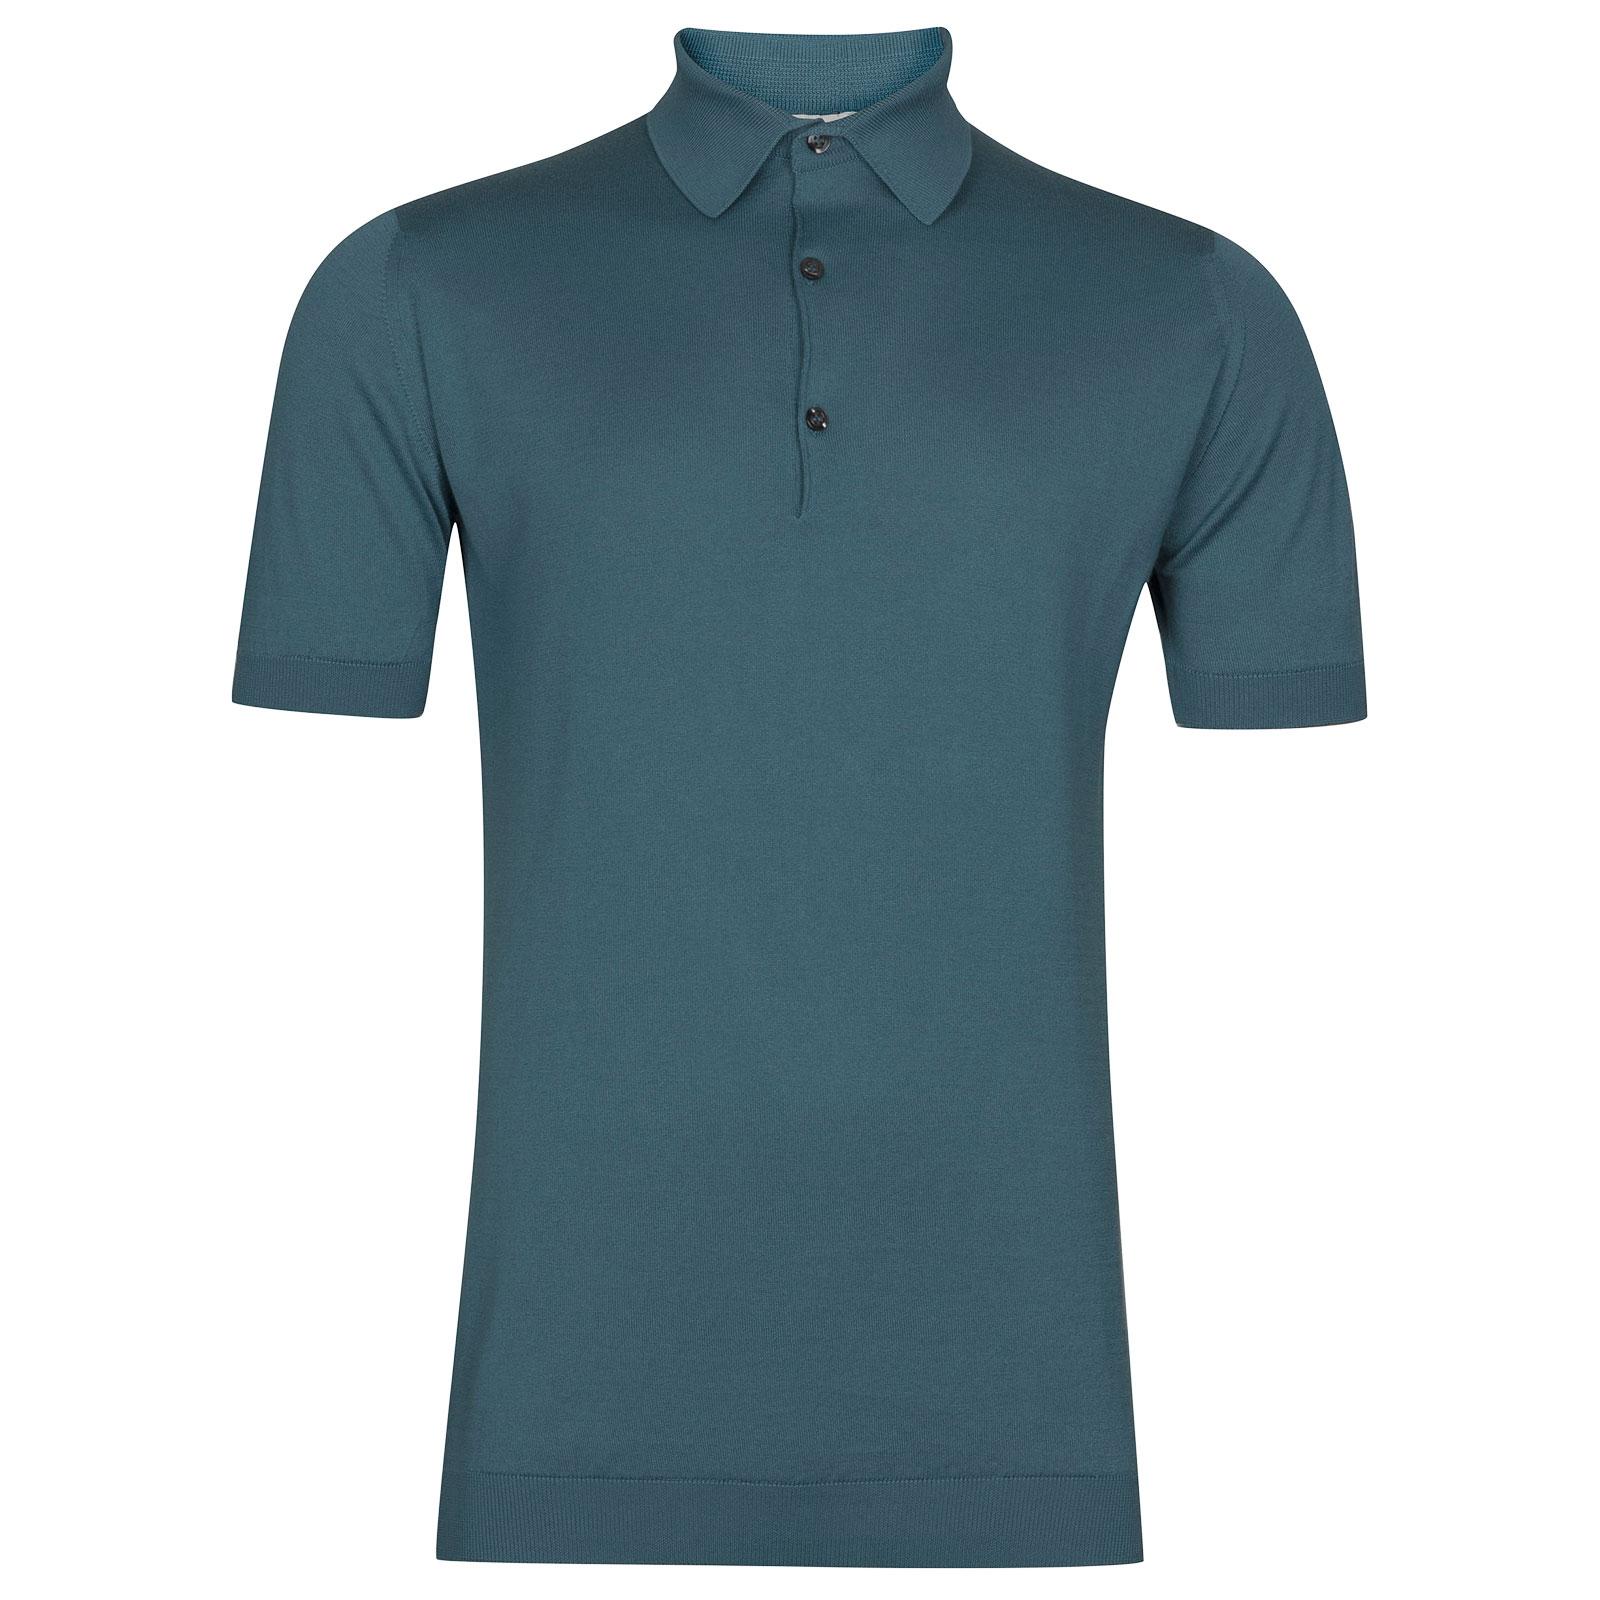 John Smedley Adrian in Dewdrop Blue Shirt-XLG